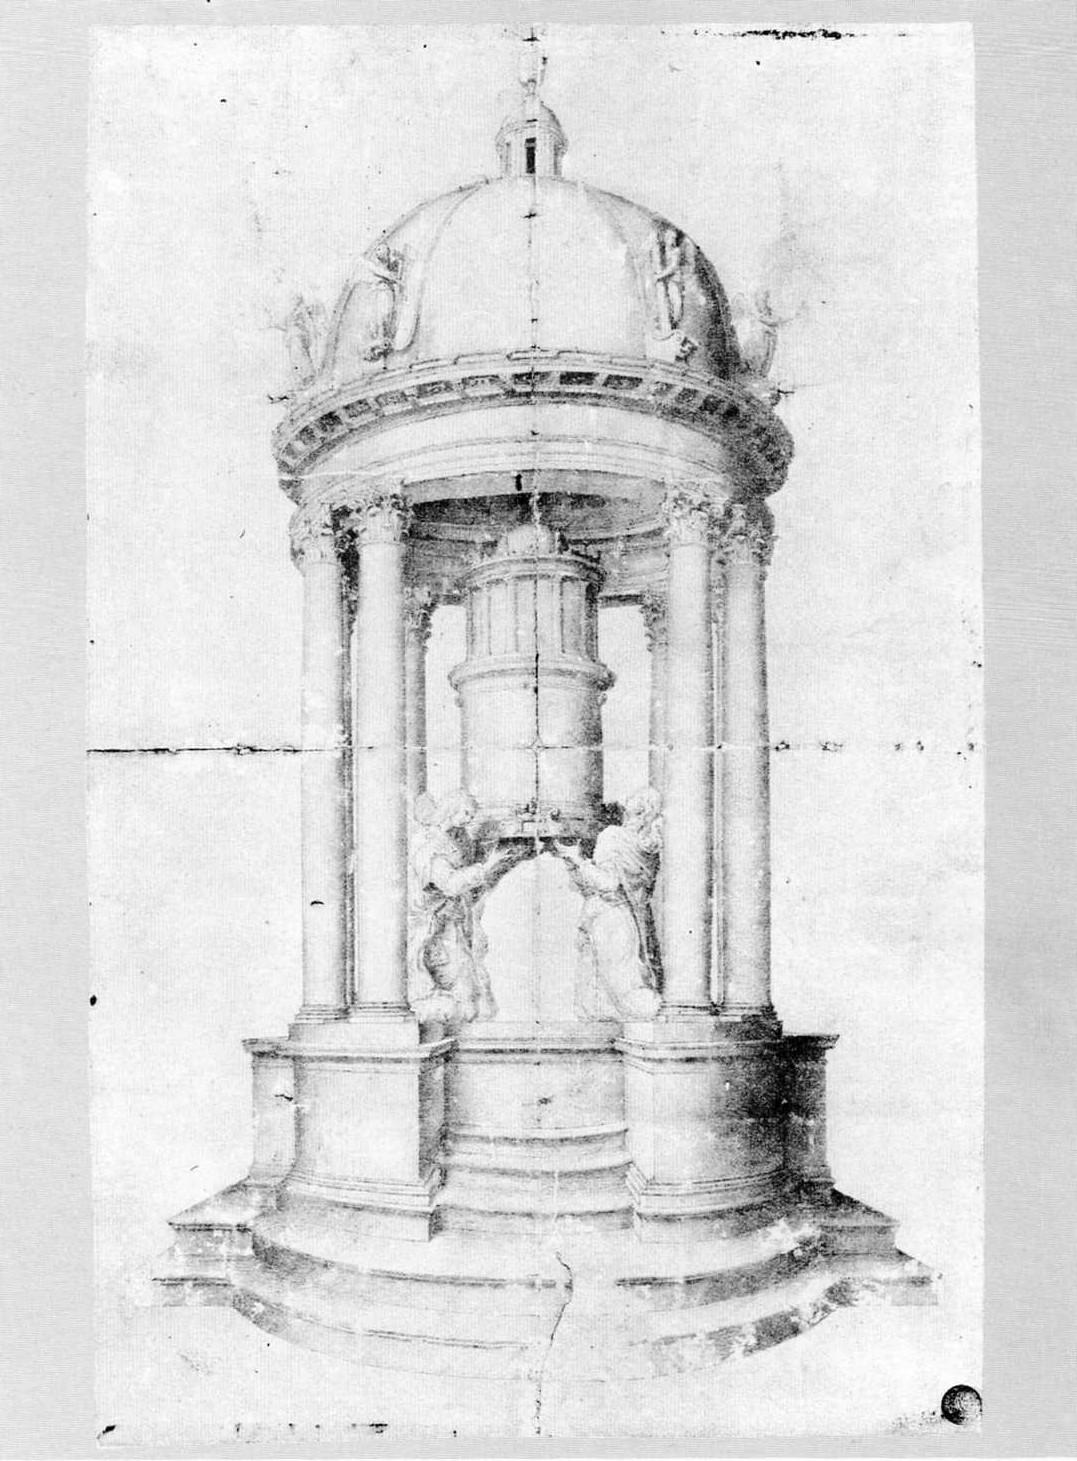 Corpus dei disegni di architettura duomo di milano for Disegno di architettura online